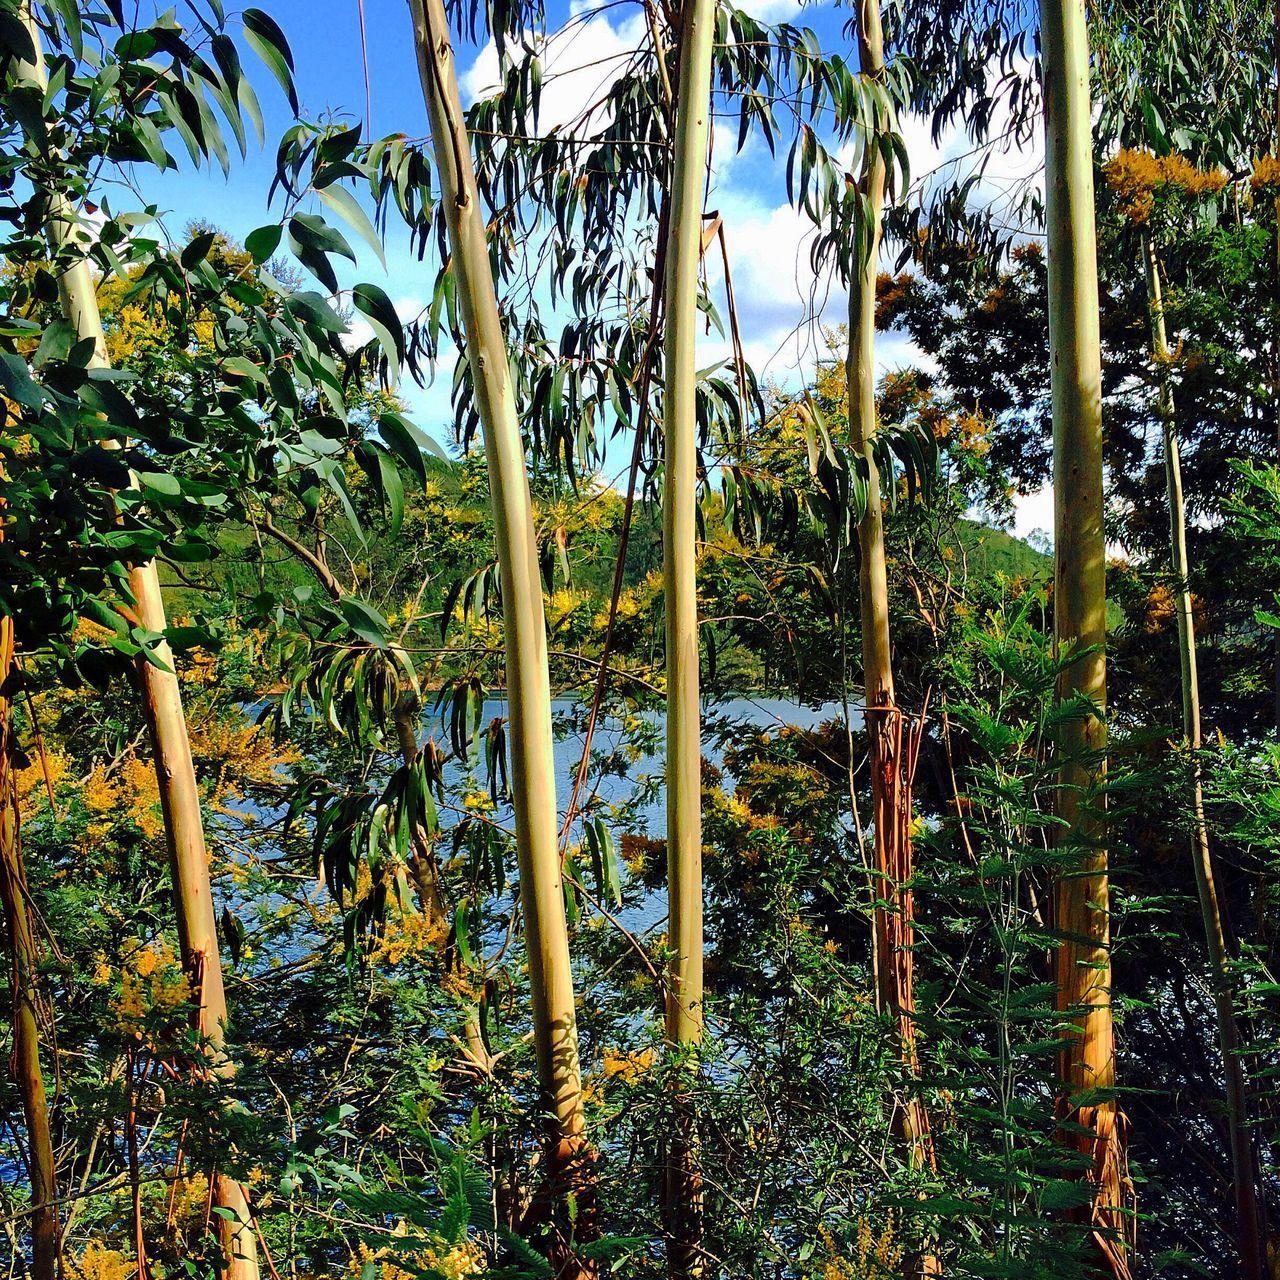 Ferreira Do Zezere River Castanheira Trees Nature Landscape Eucalyptus Wild Fluvial Forest